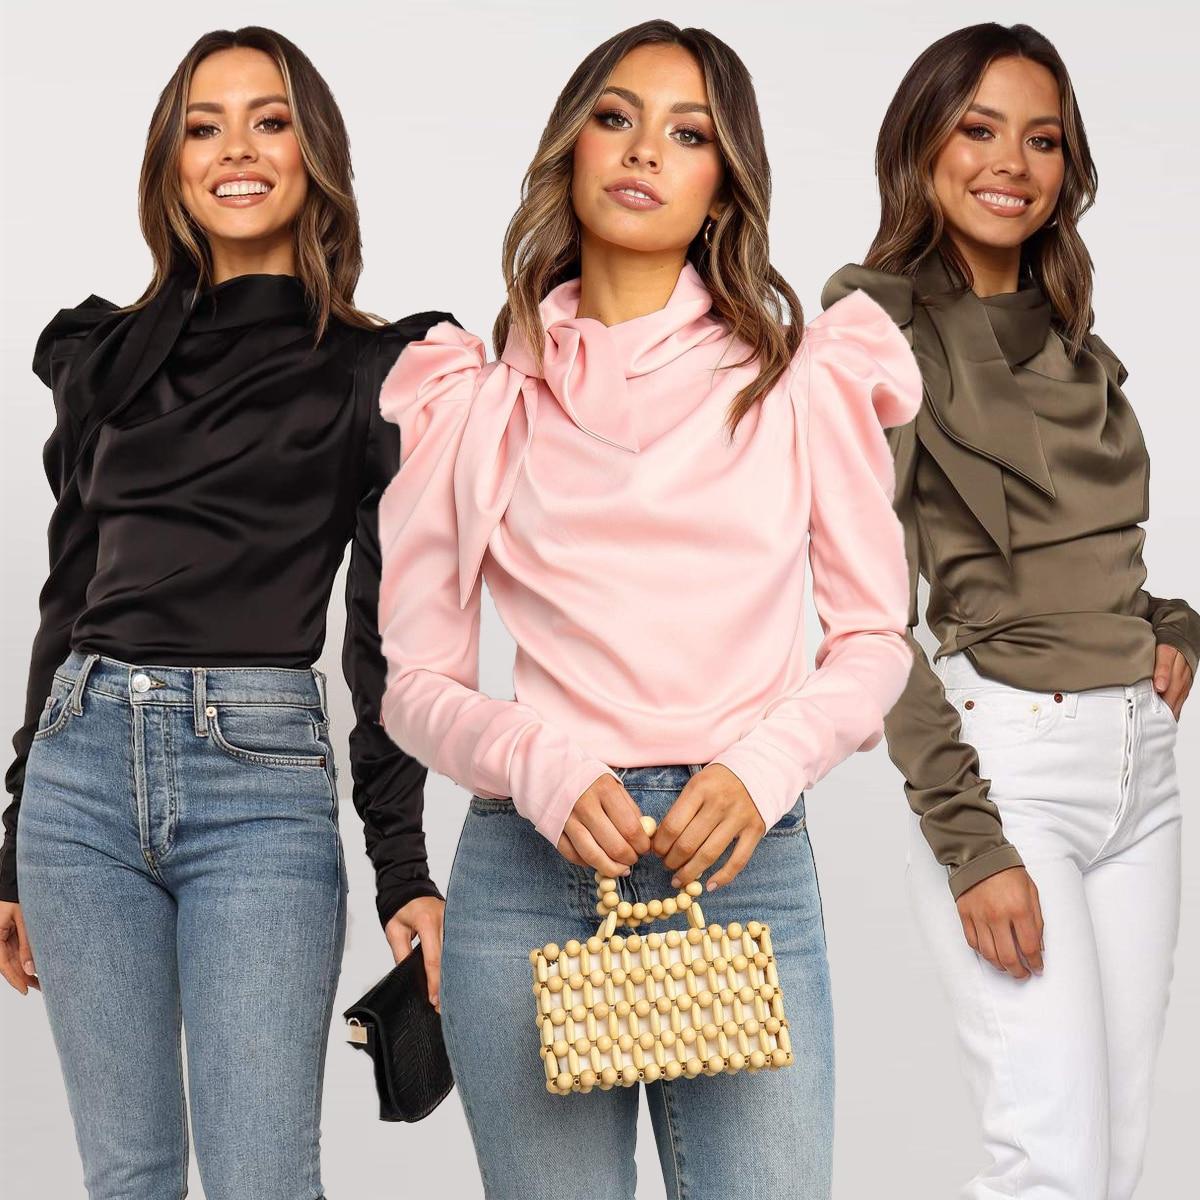 Femmes Satin Blouses 2019 mode arc cou à manches longues bouffantes noir élégant Blouse Chemise bureau dame classique Blusas Chemise Femme